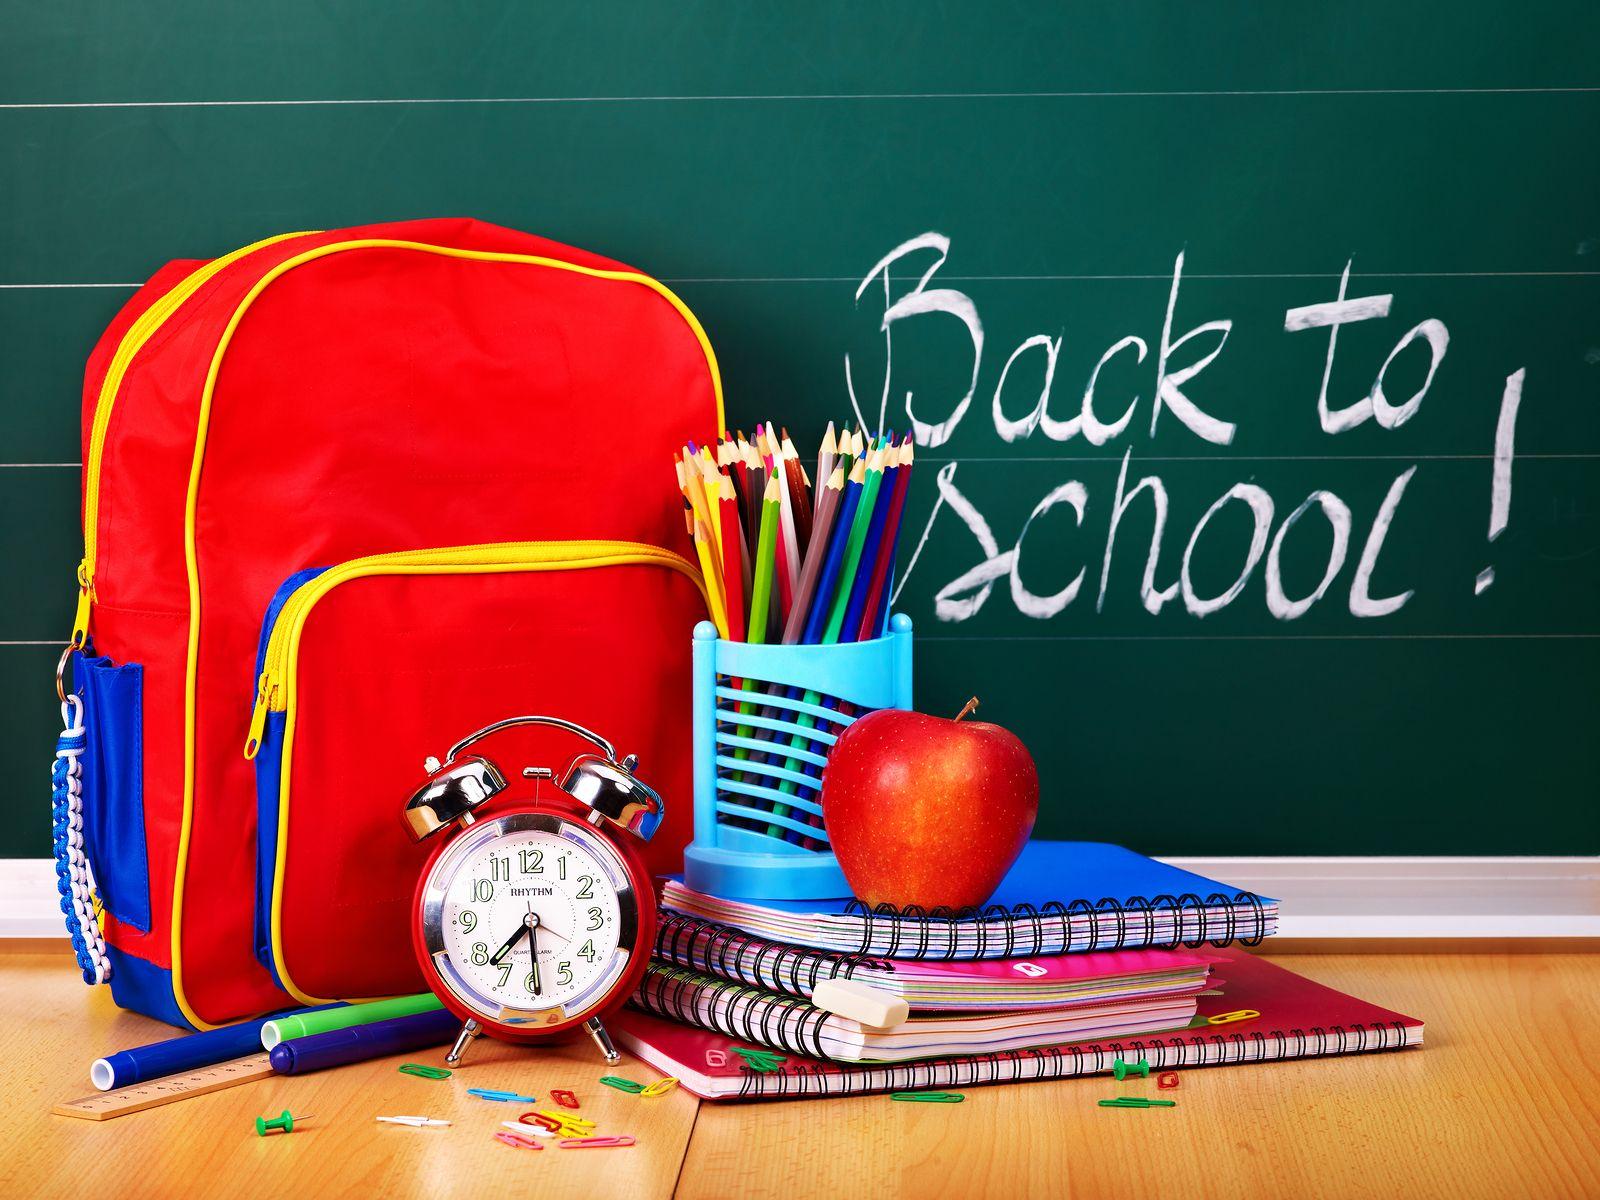 School Supplies Wallpapers   Top School Supplies Backgrounds 1600x1200